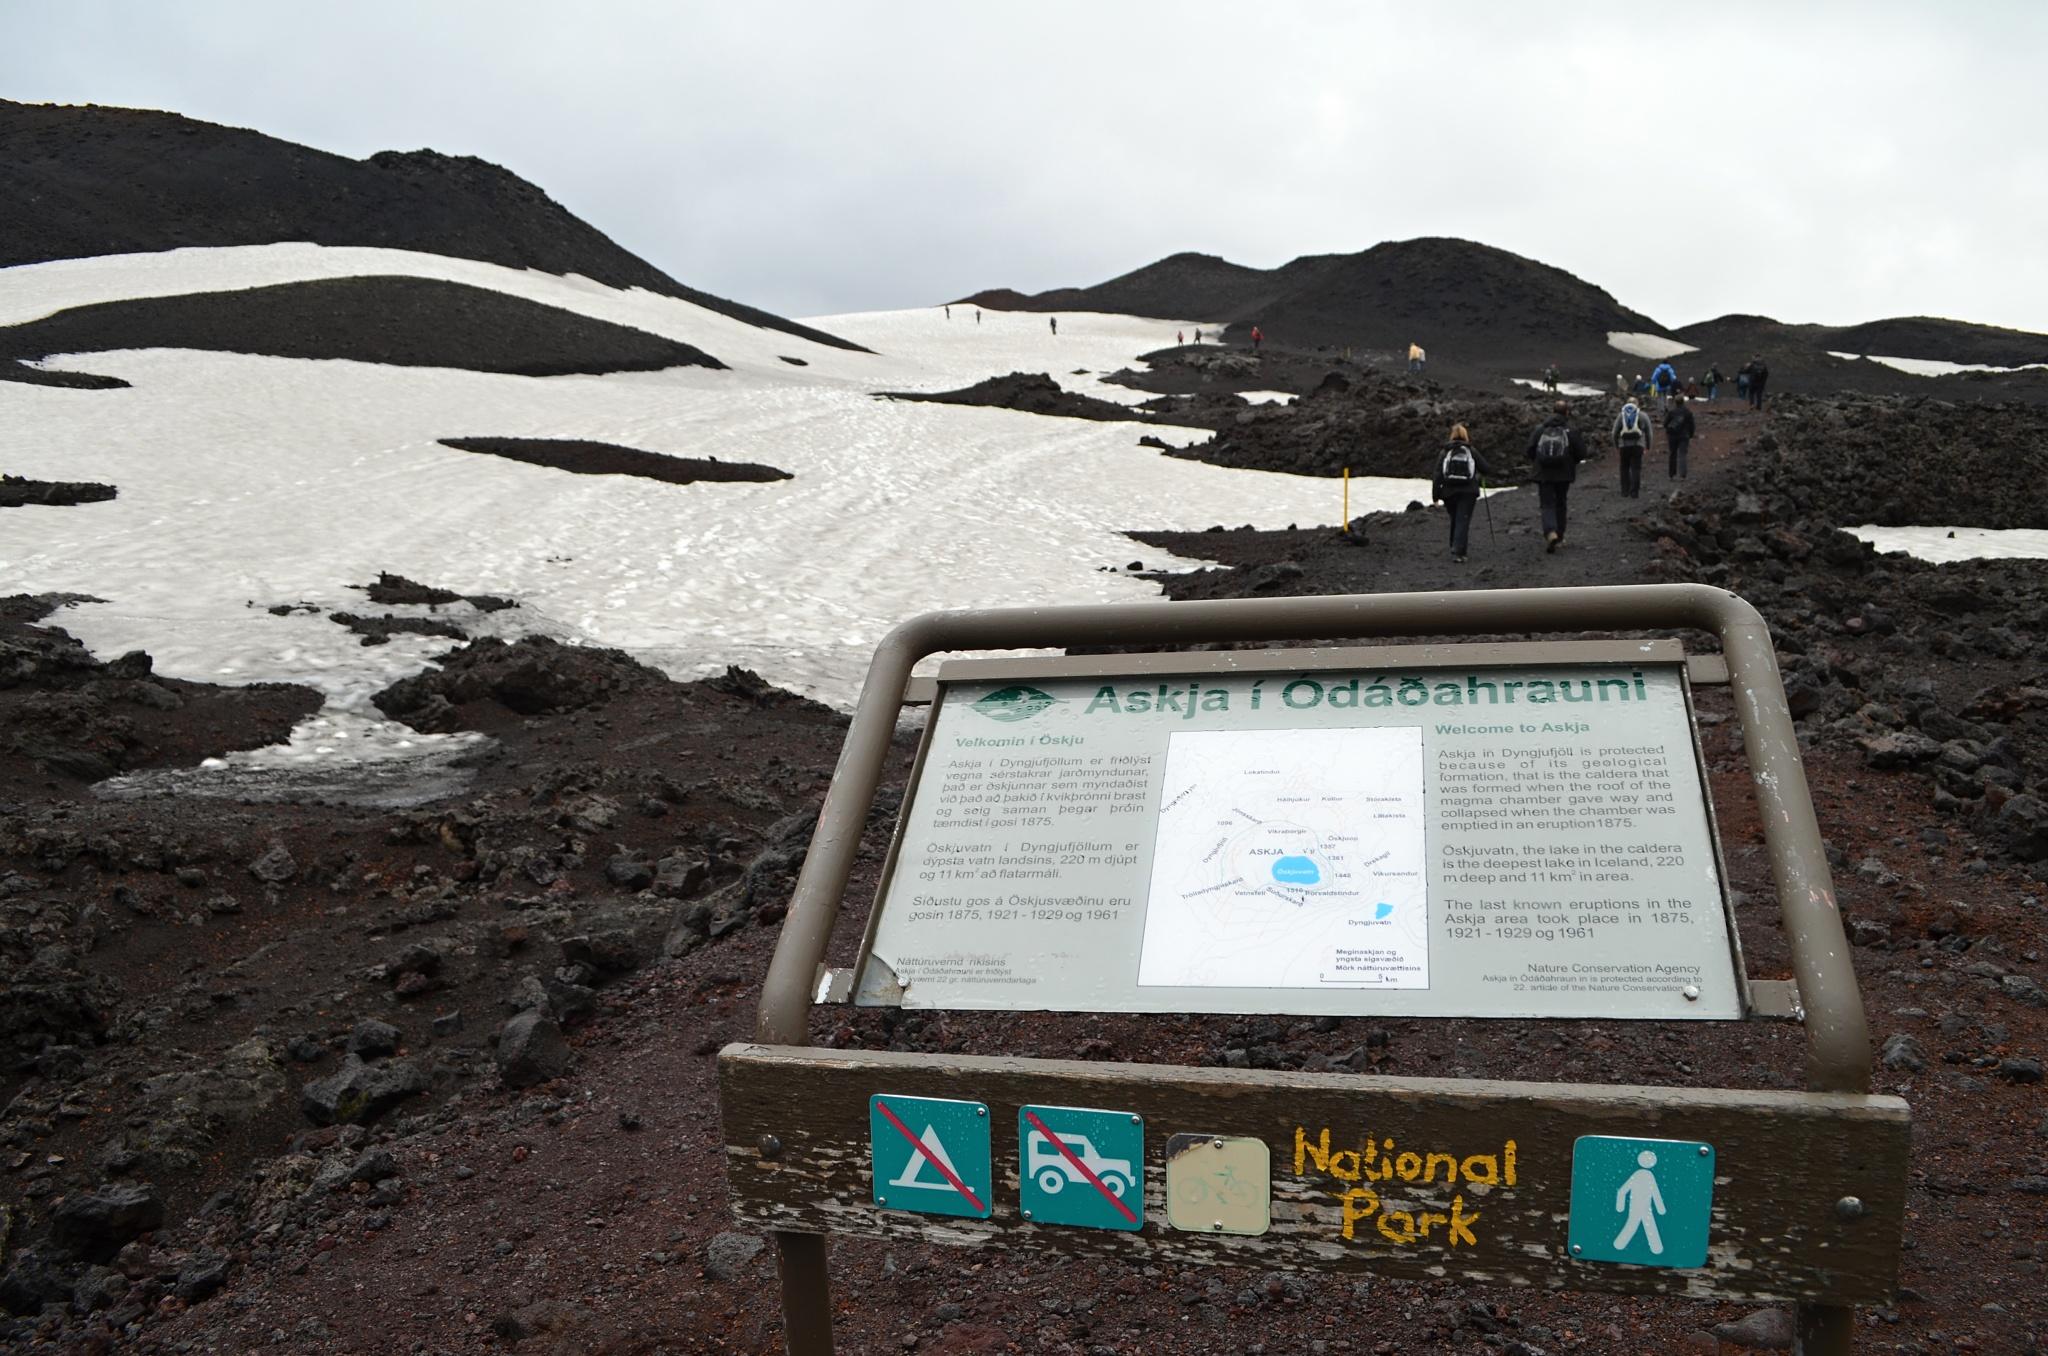 Počátek naší procházky kráterem Askji